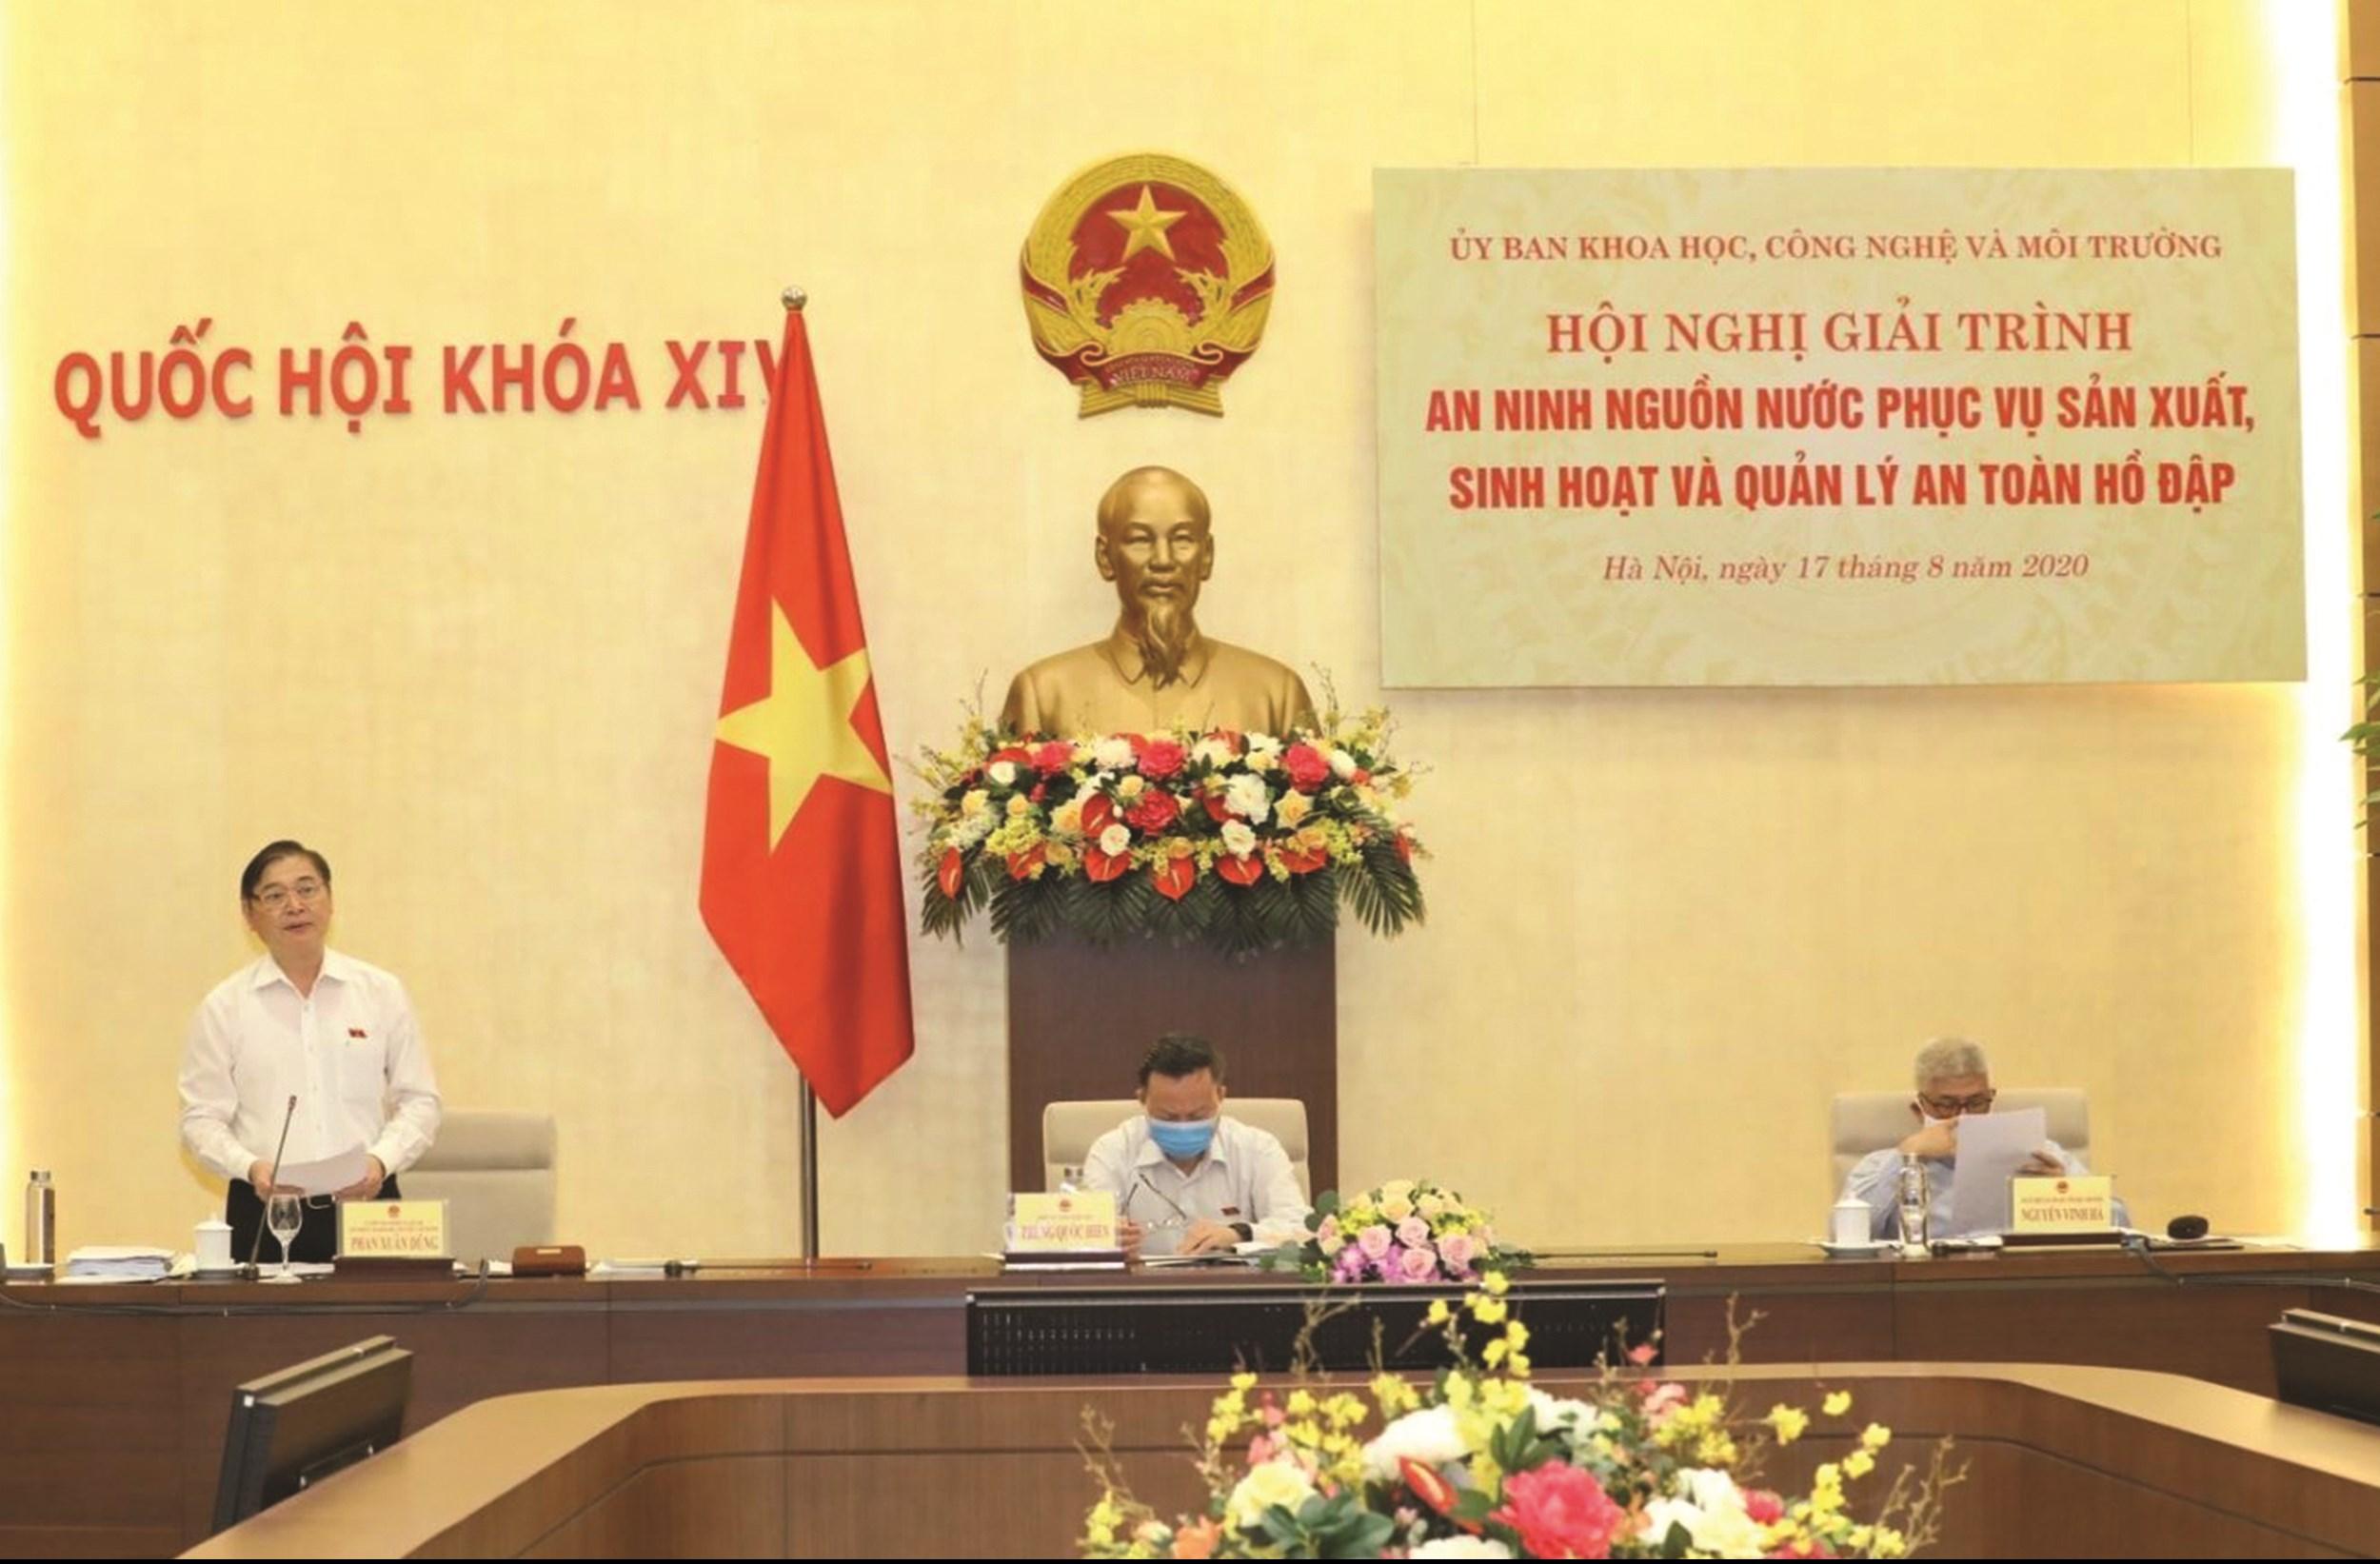 Hội nghị được tổ chức sáng 17/8, tại Nhà Quốc hội.